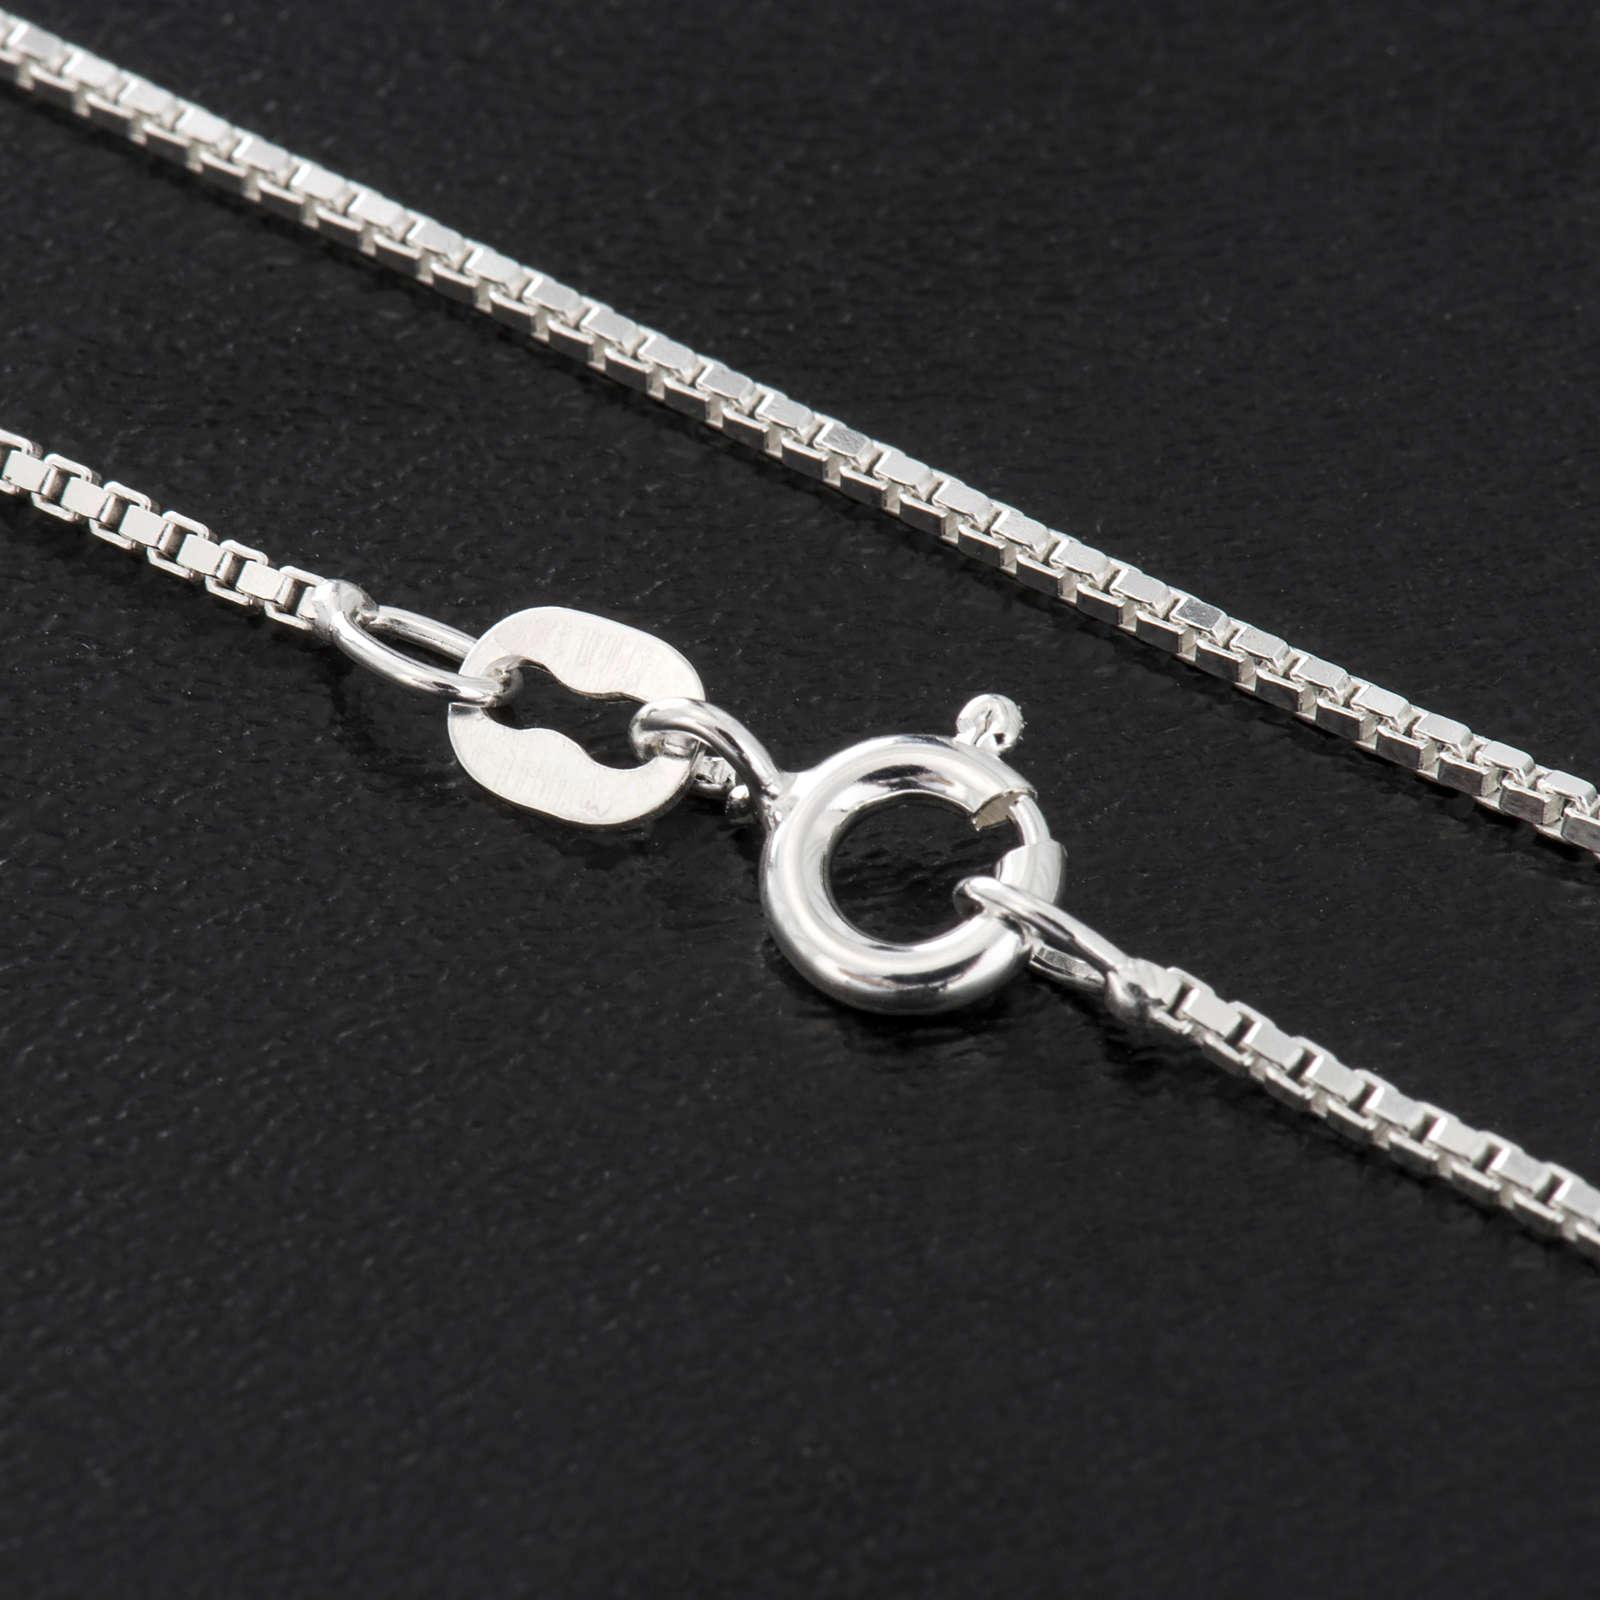 Venetische Halskette rhodiert Silber 925, 60 cm lang 4